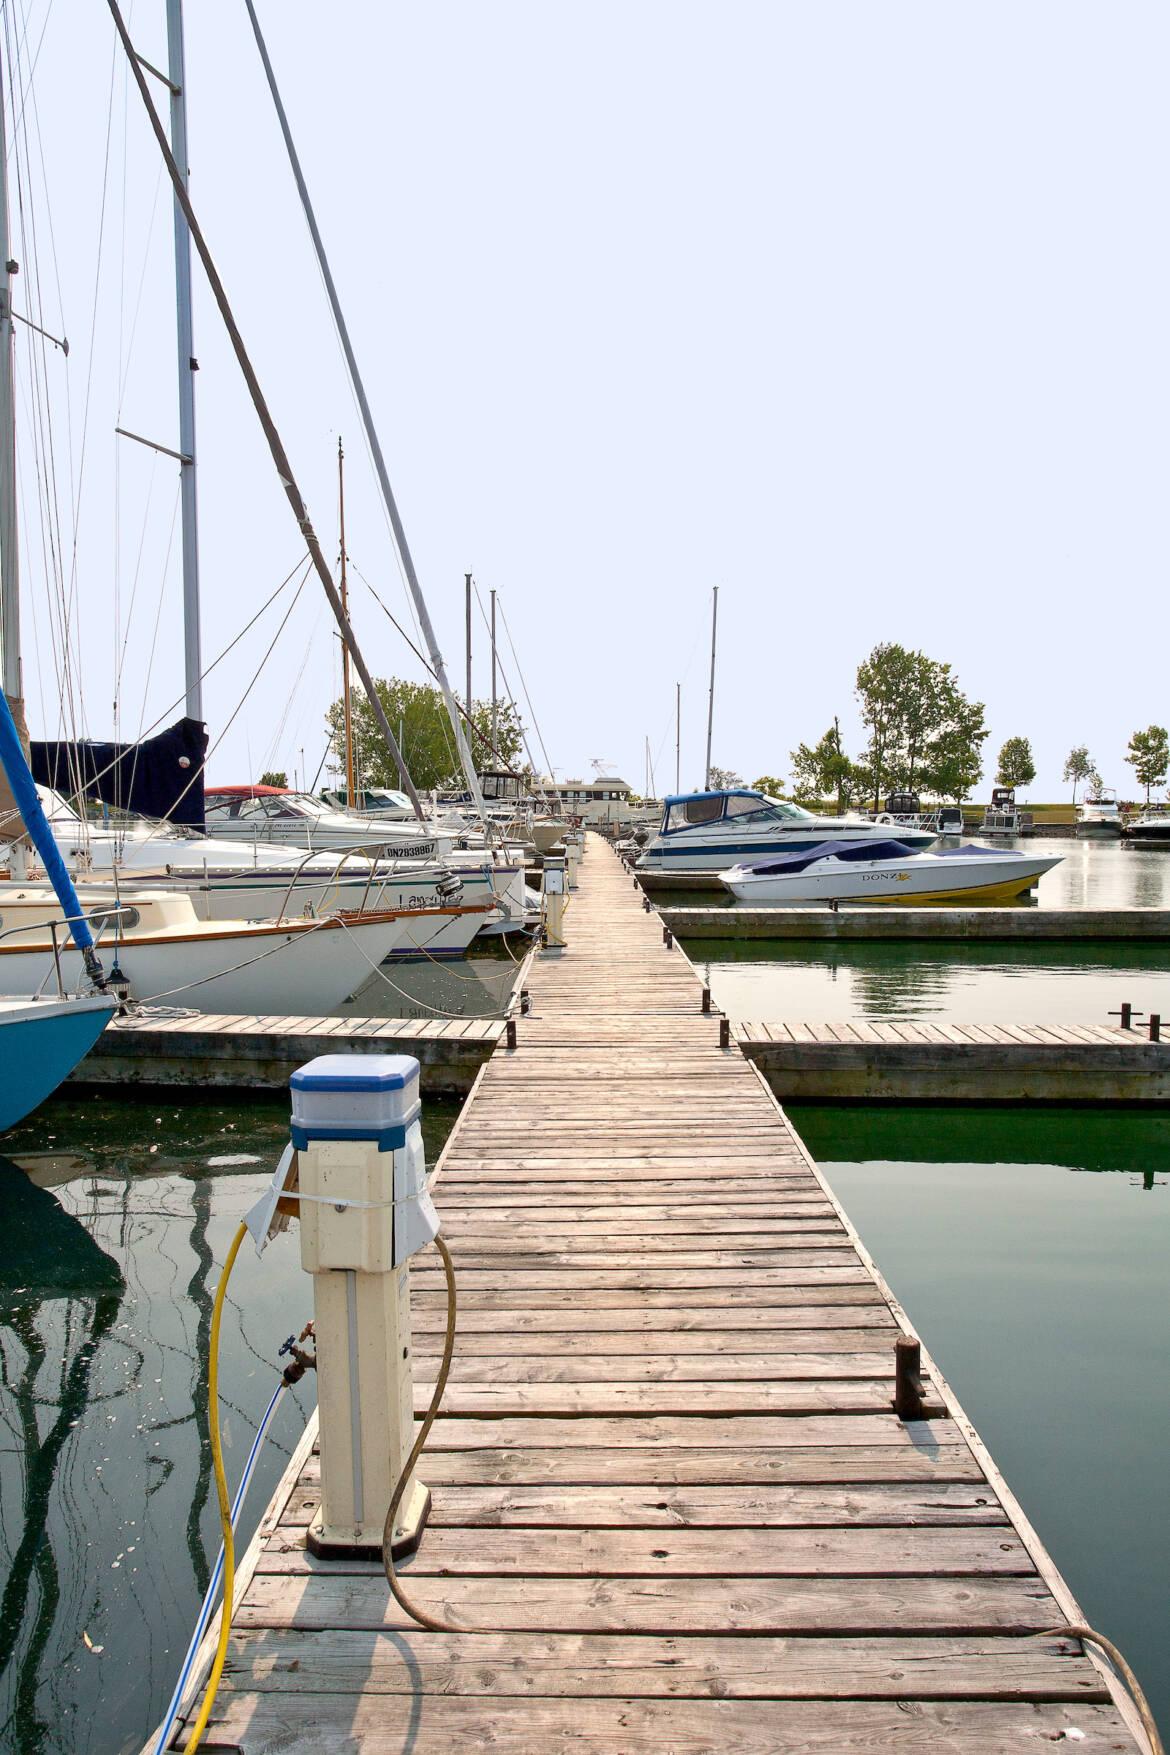 dock_MG_9538.jpg